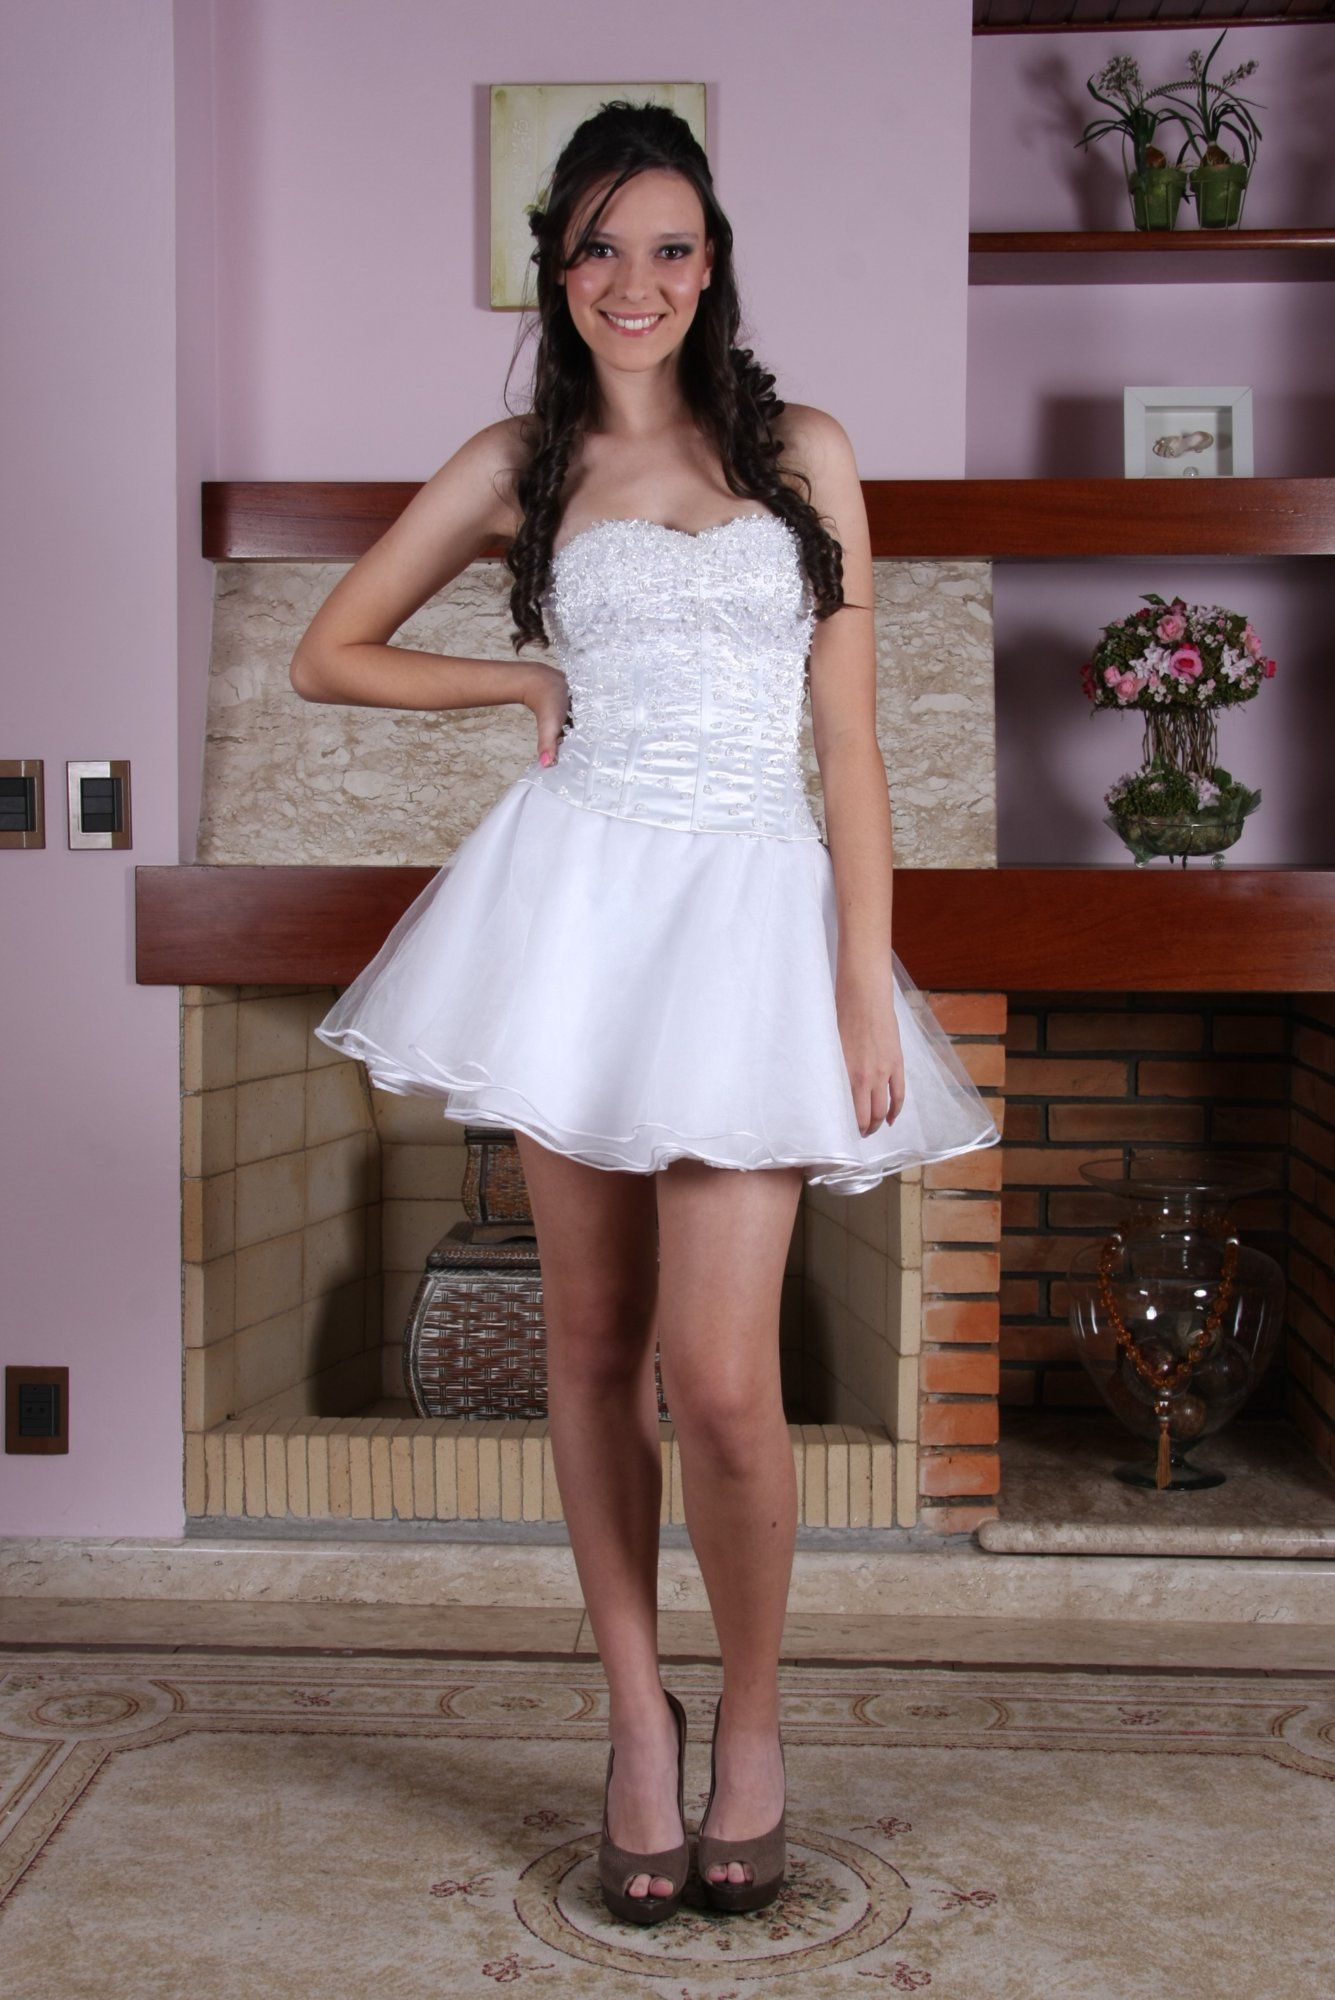 Vestido de Debutante Branco - 5 - Hipnose Alta Costura e Spa para Noivas e Noivos - Campinas - SP Vestido de Debutante, Vestido de Debutante Branco, Hipnose Alta Costura